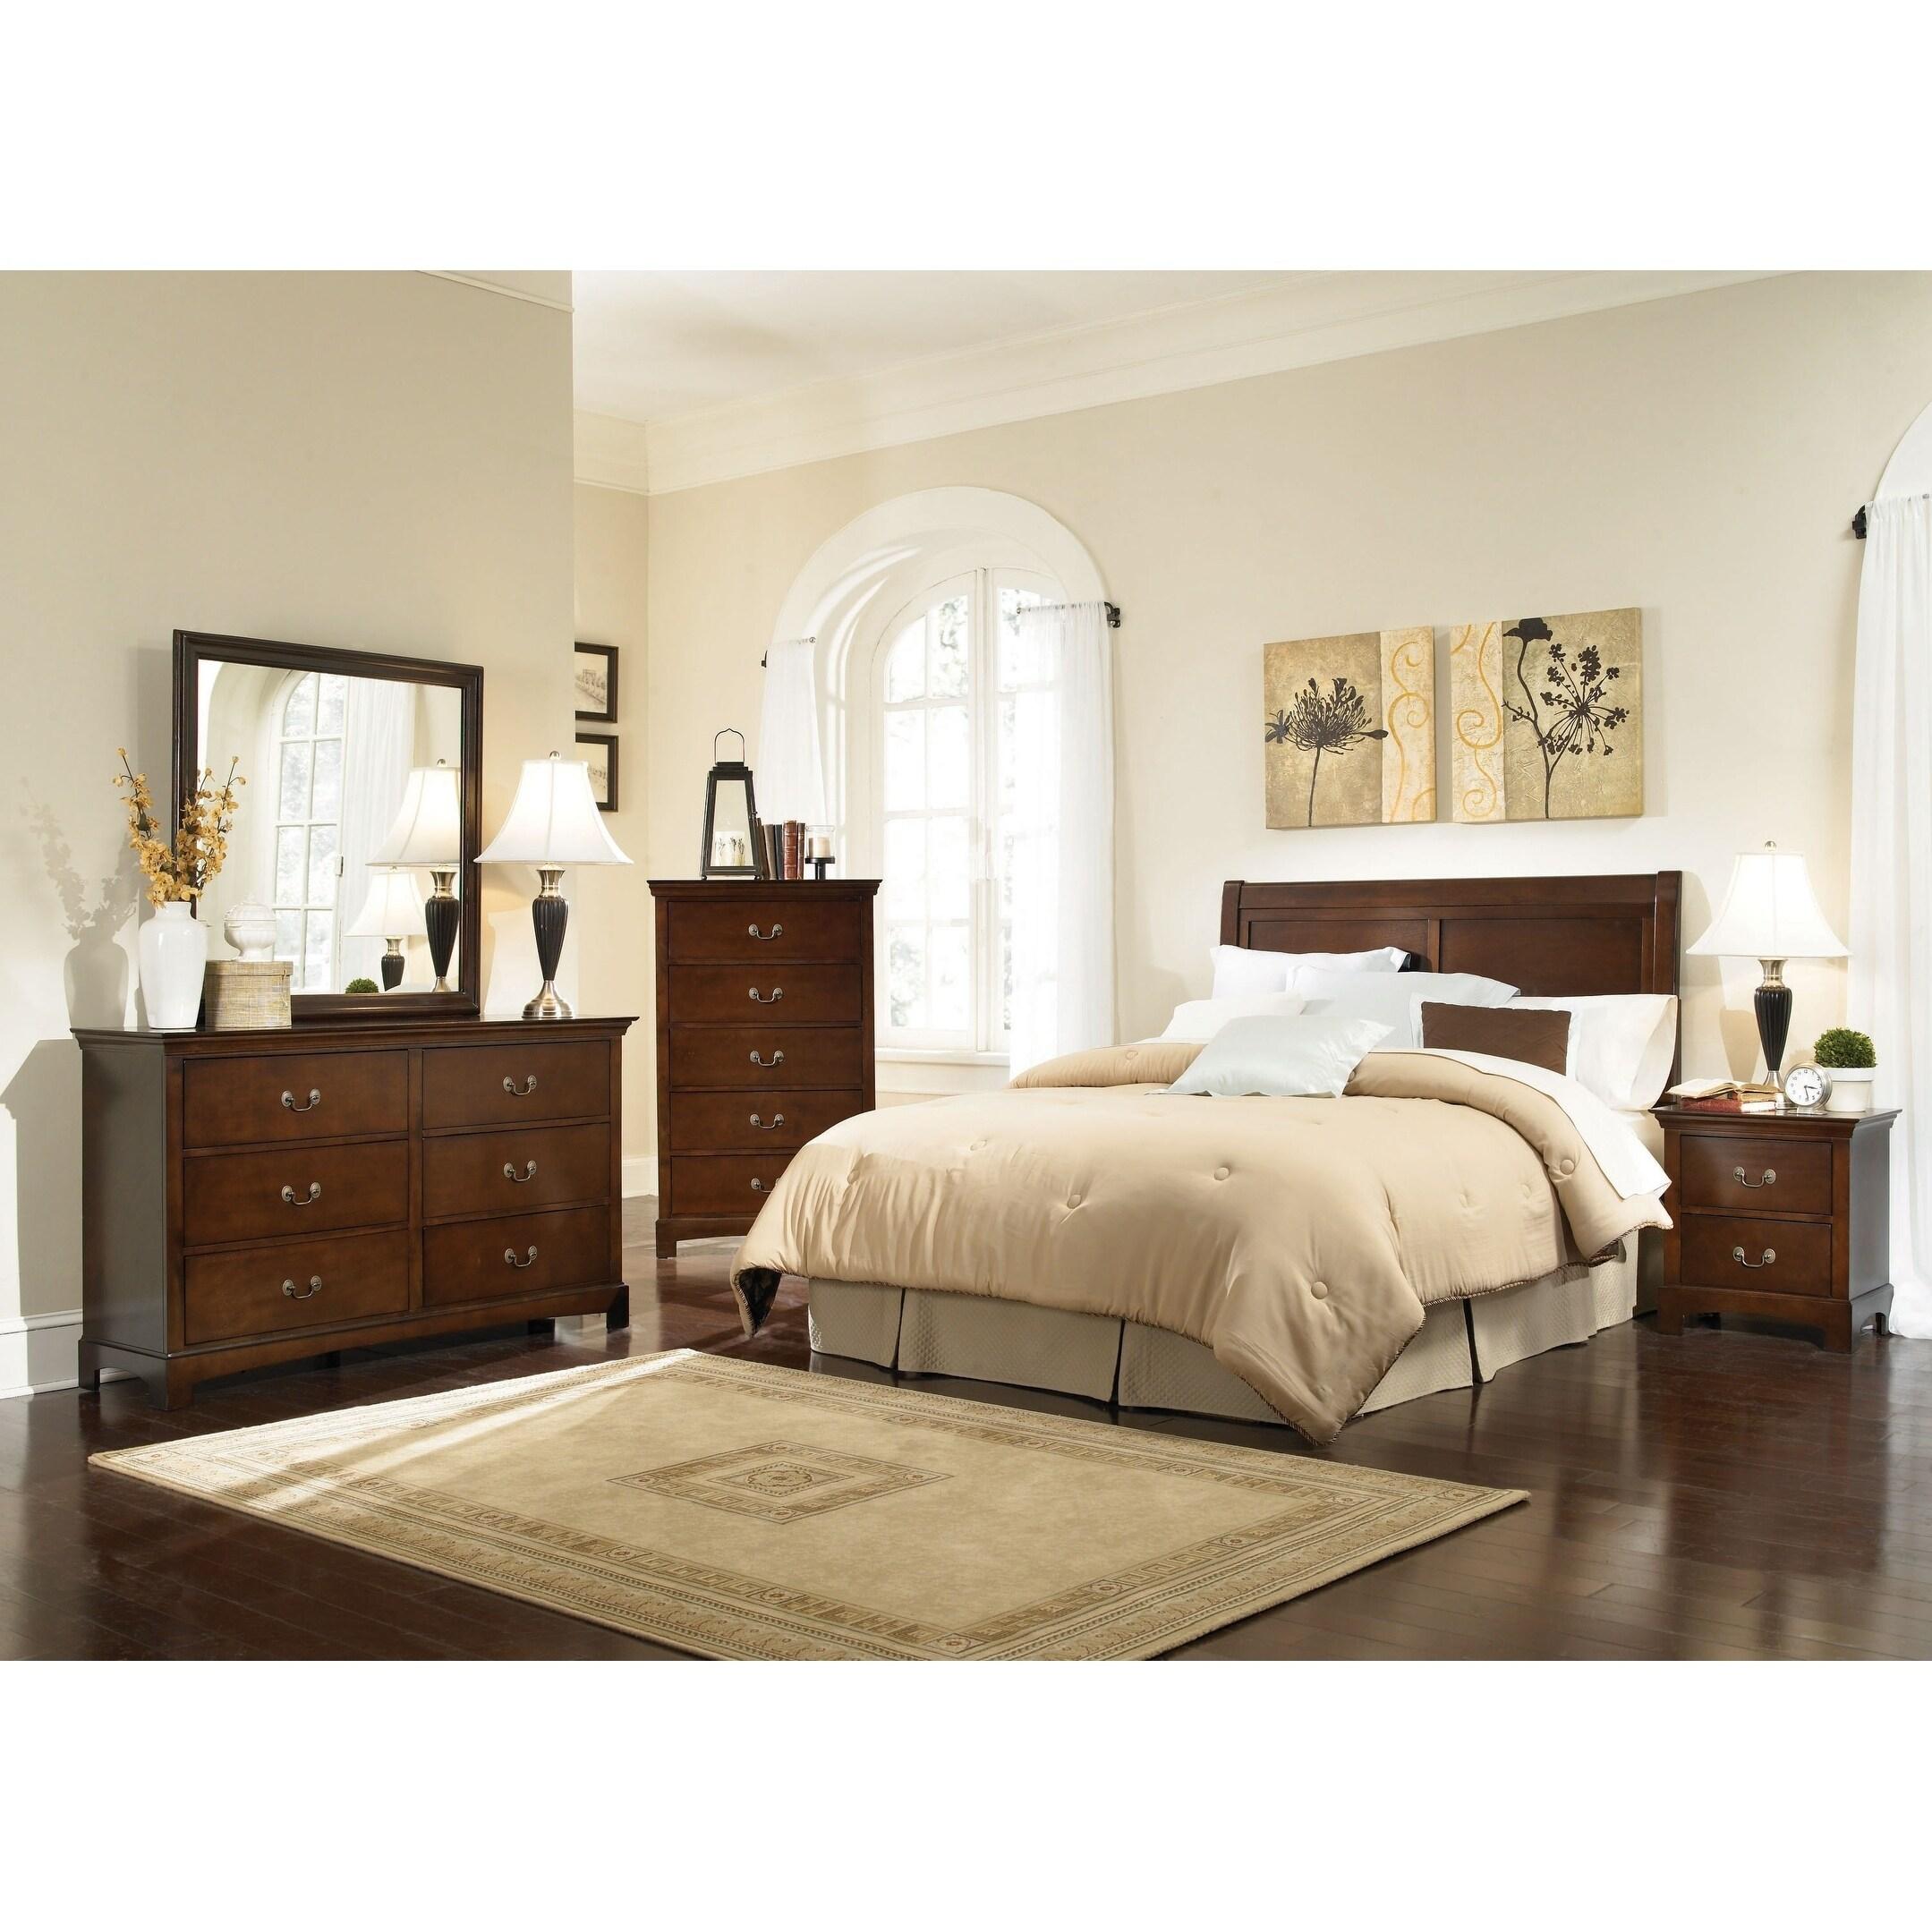 Shop Lenox Warm Brown 4 Piece Bedroom Set On Sale Overstock 27591137